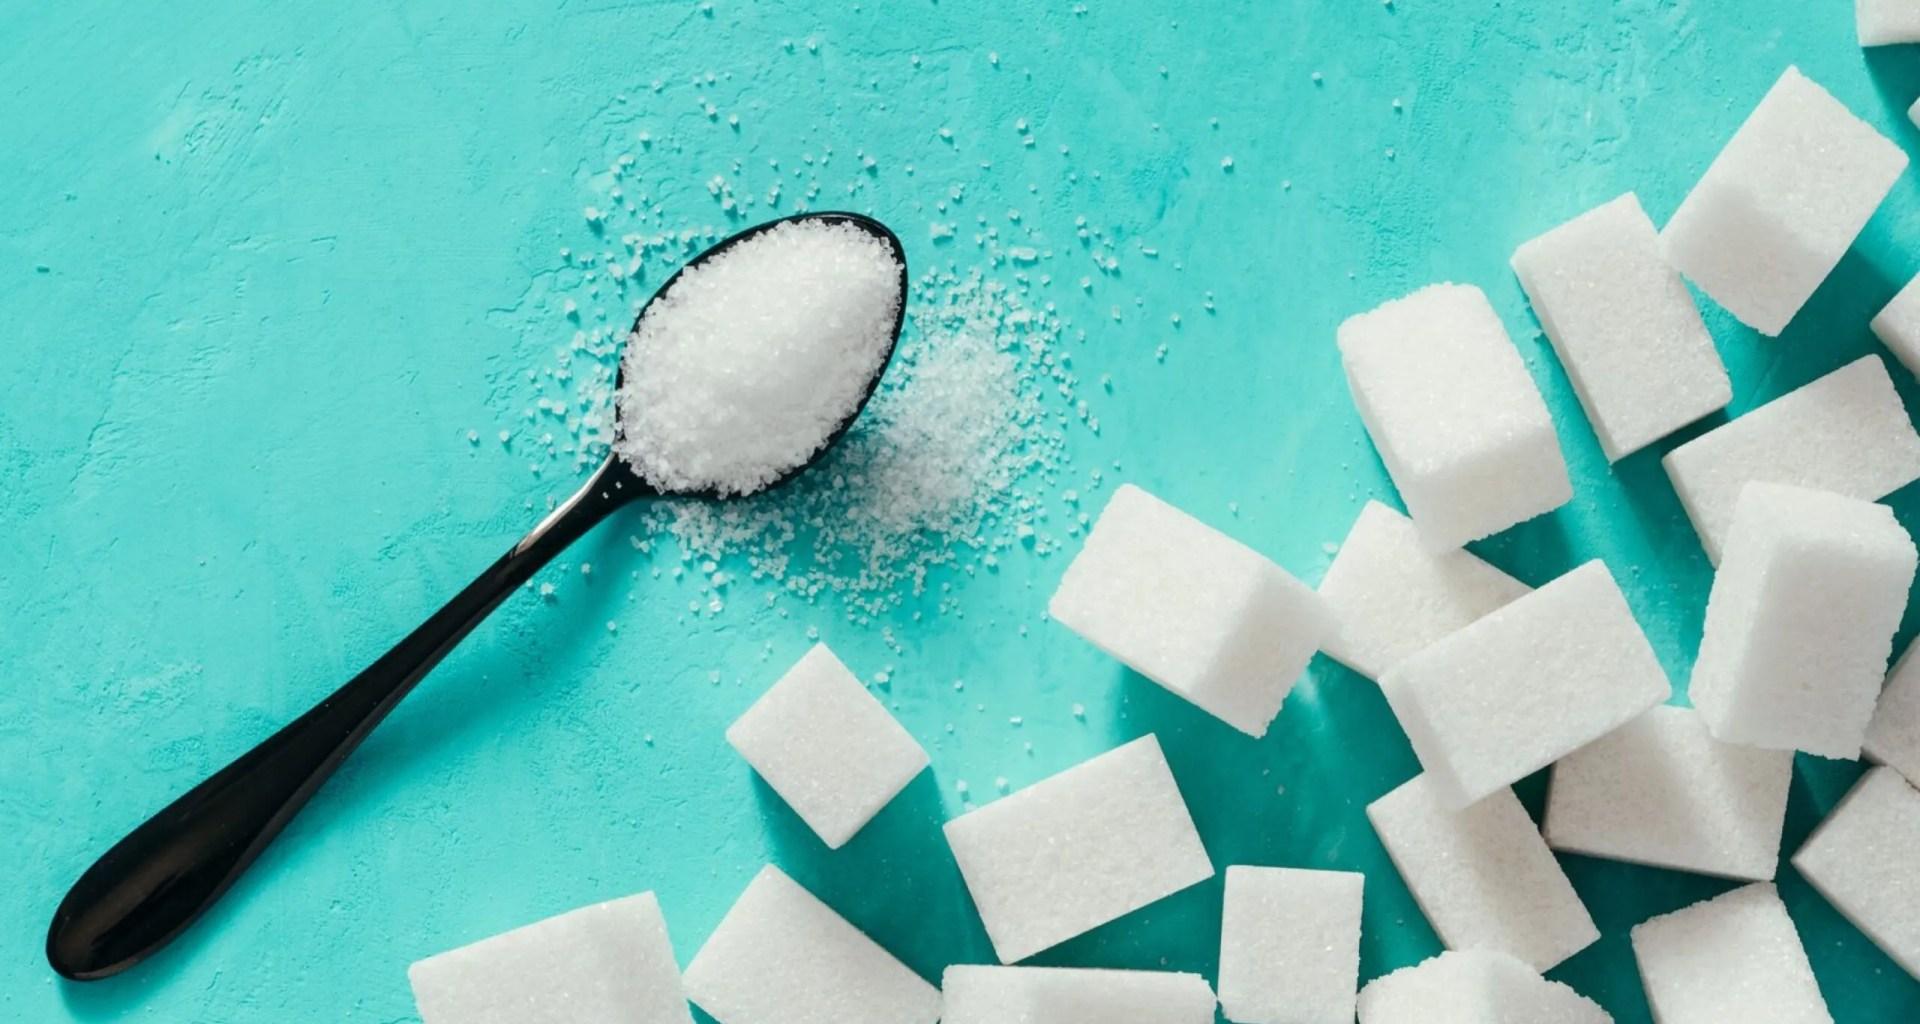 producten waar ongemerkt veel suiker in zit